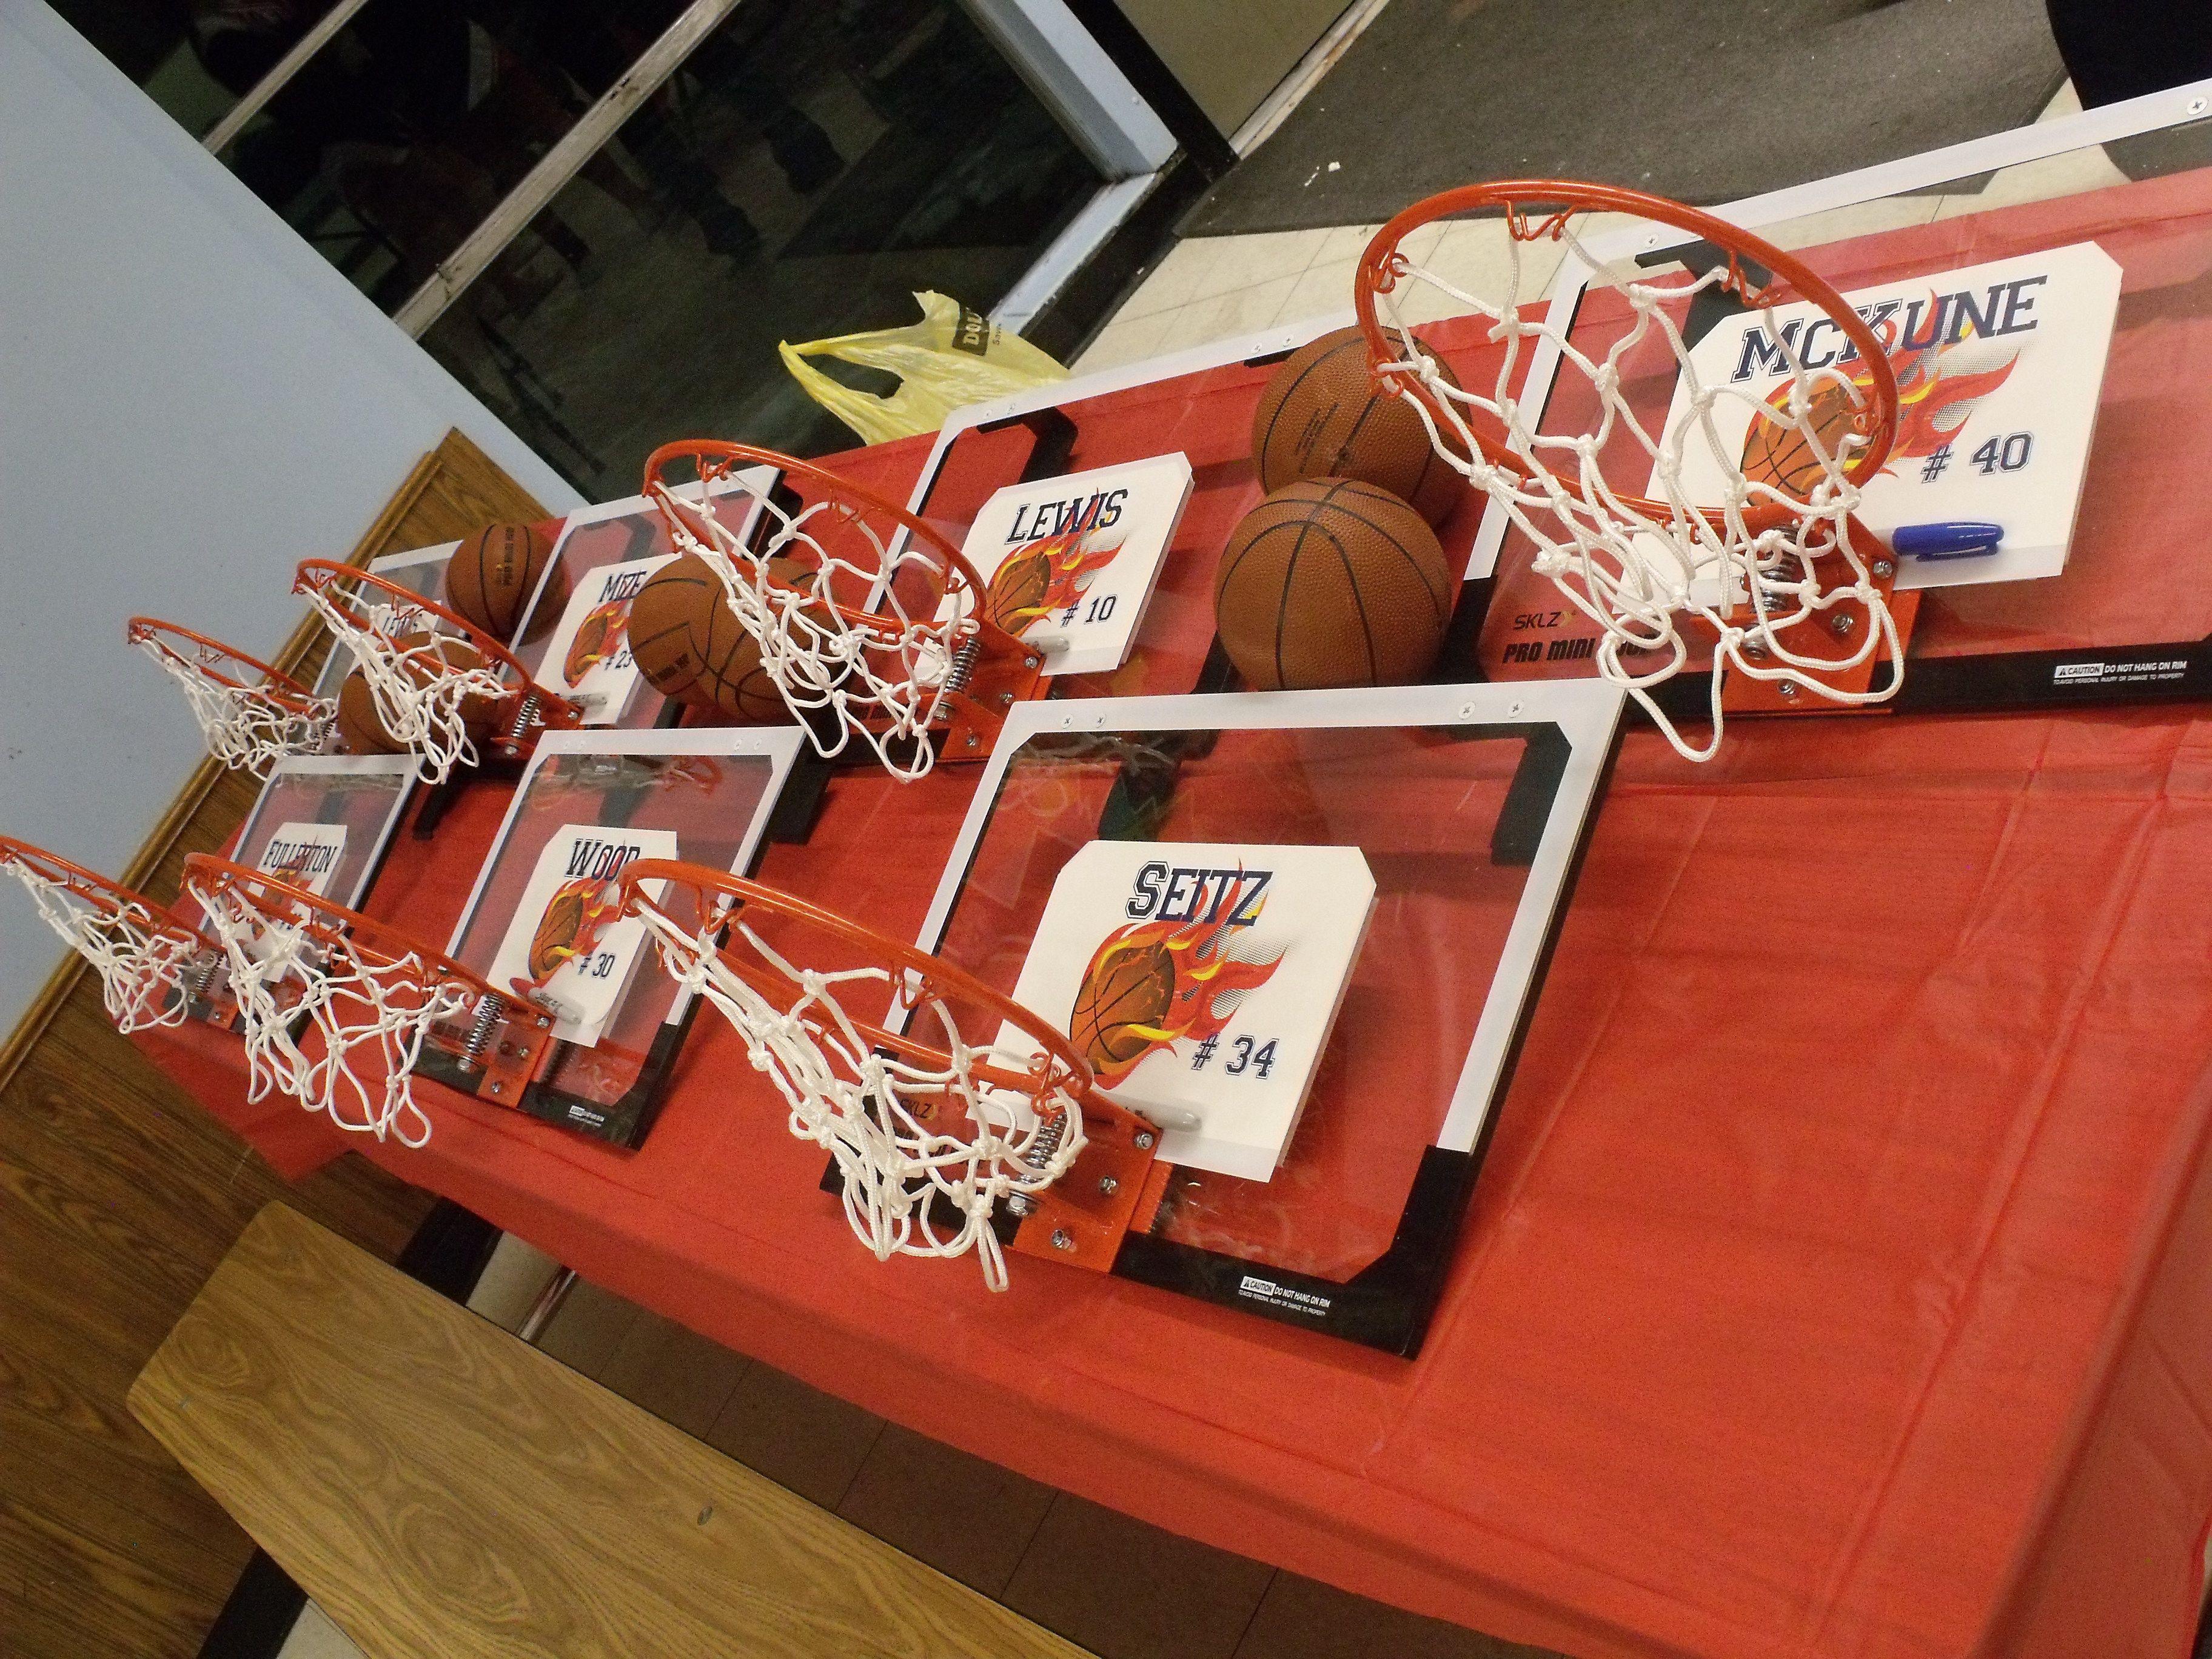 Girls Basketball Gift Ideas  Basketball Senior Night Gift Idea Hoops ordered from SKLZ